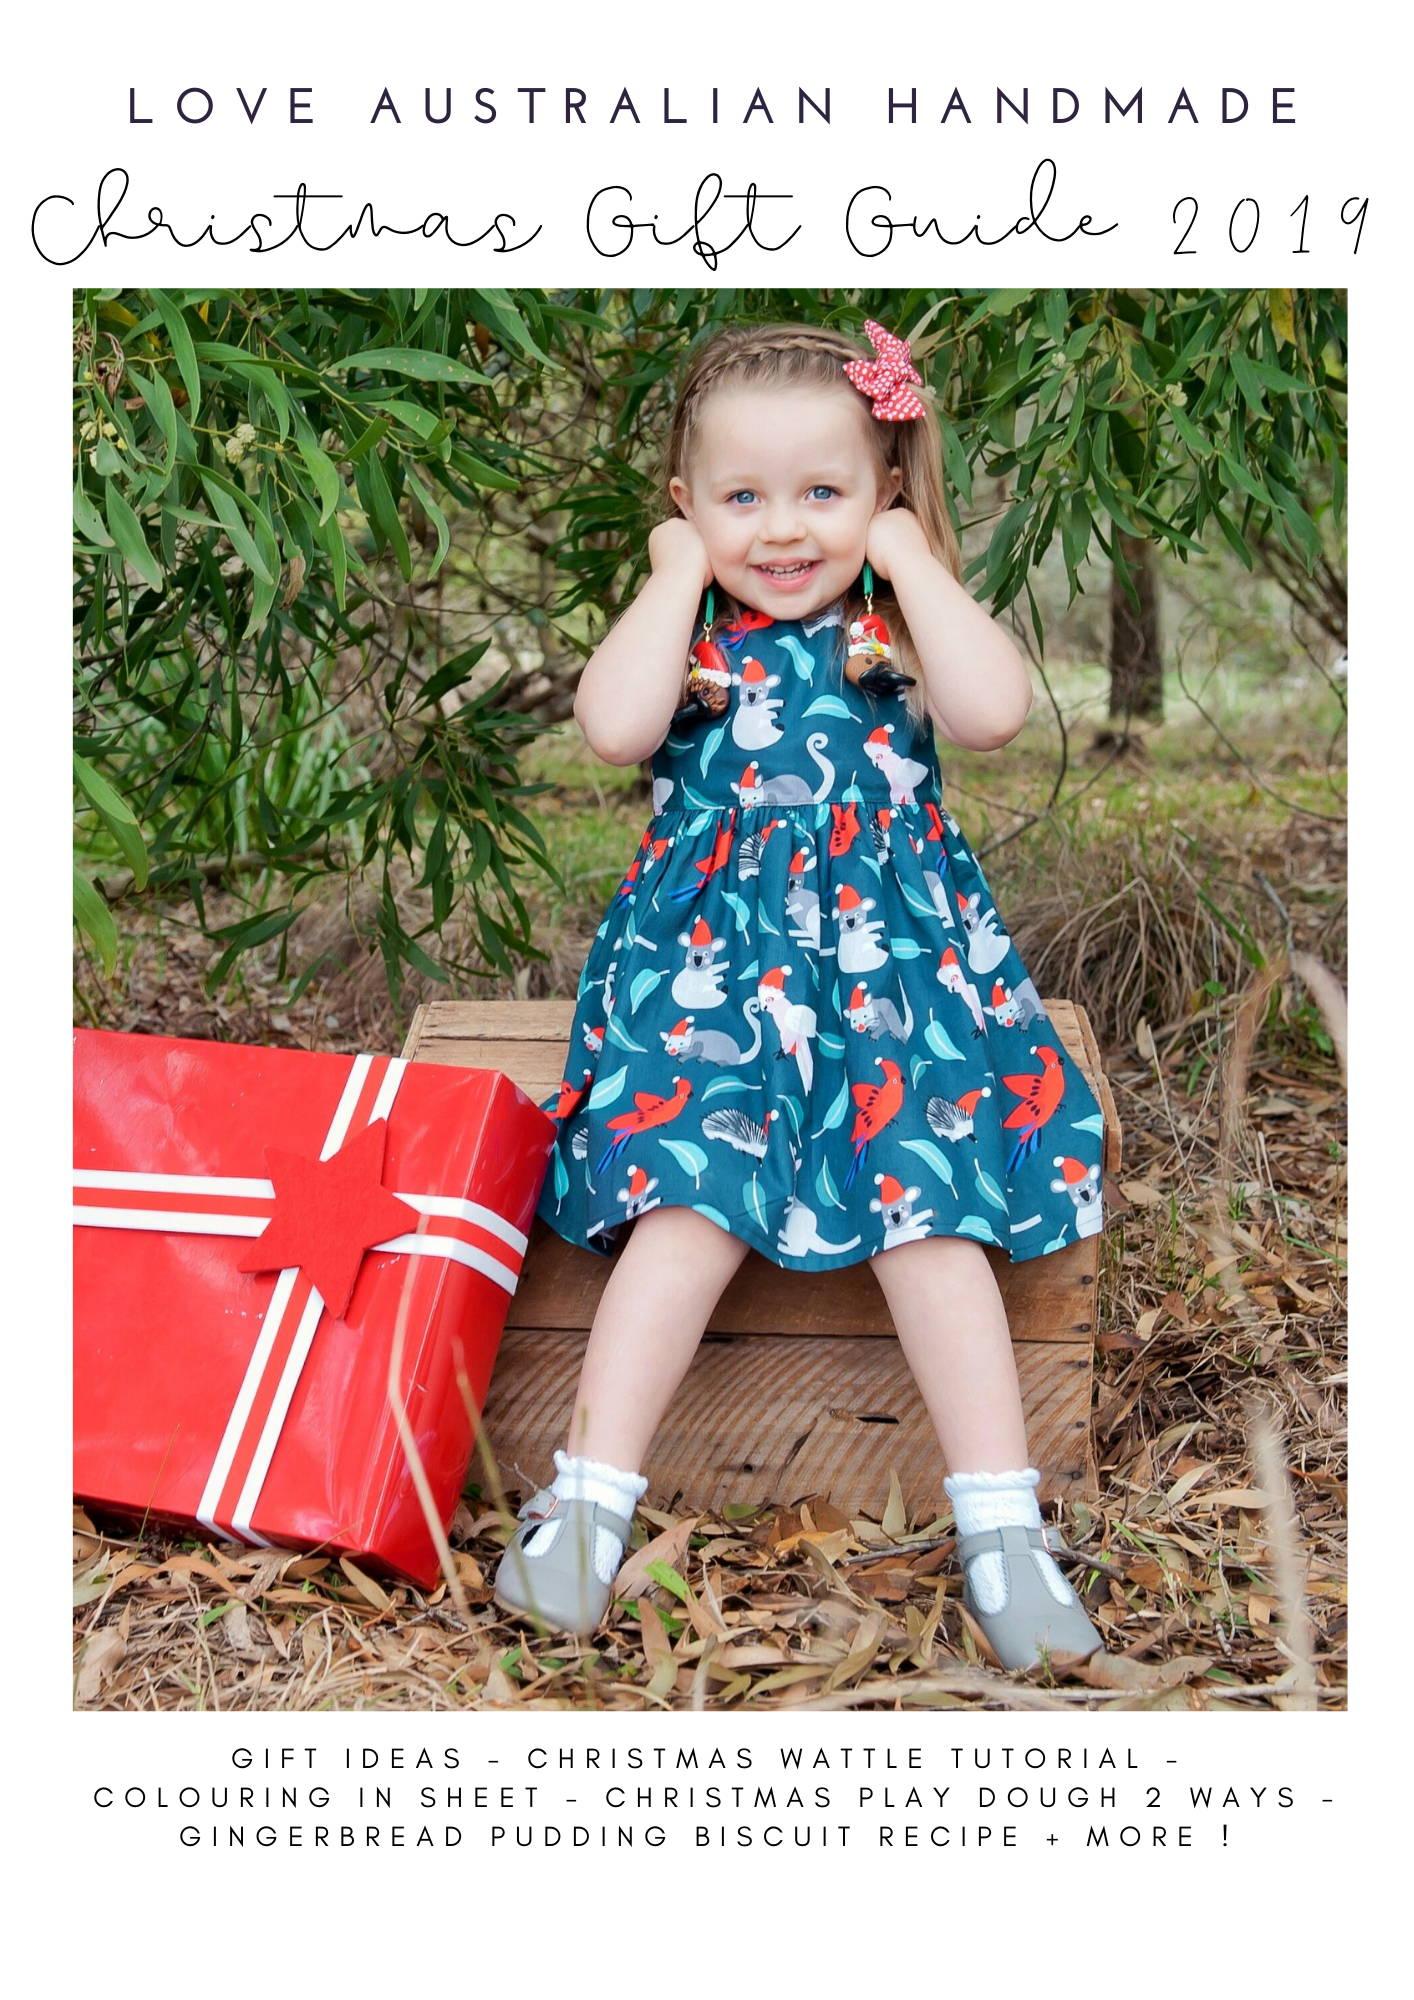 2020 Christmas Gift Guide Application Love Australian Handmade